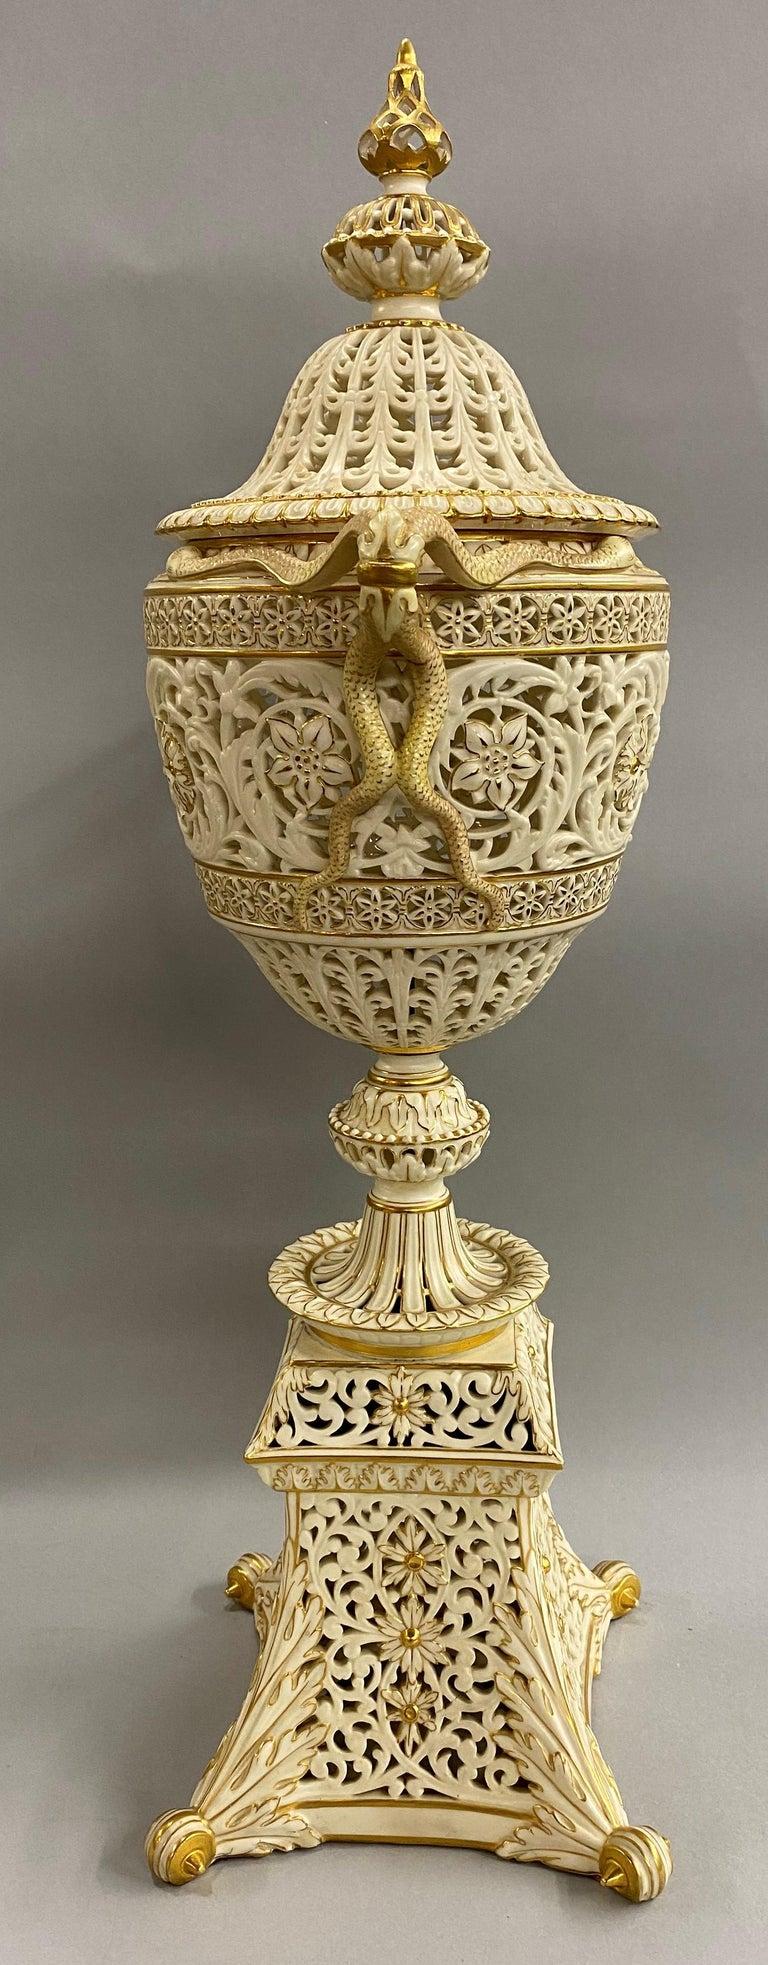 English Grainger Royal Worcester Gilt Ivory Porcelain Reticulated Urn For Sale 2